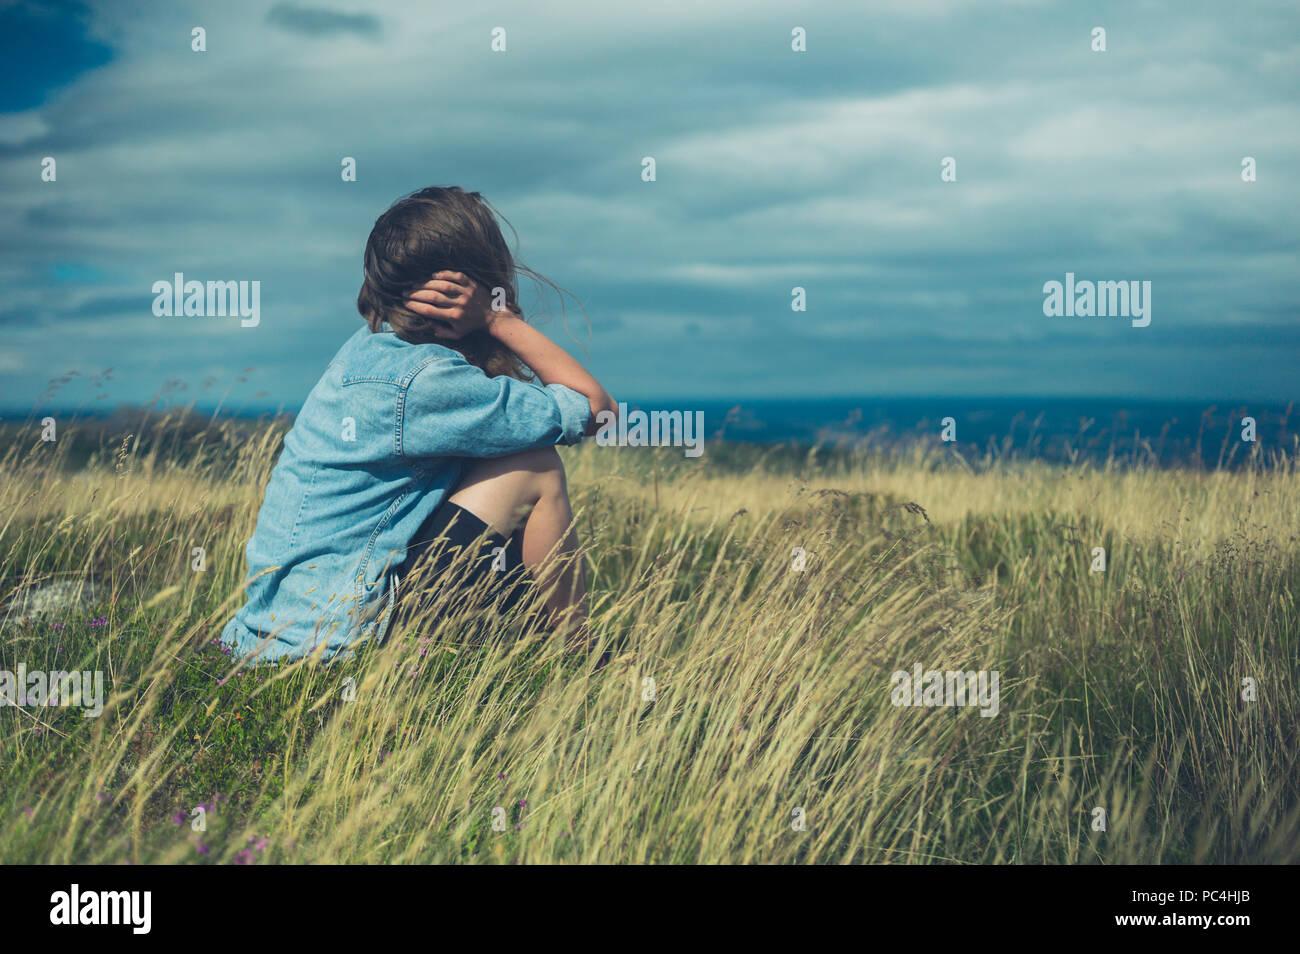 Una triste mujer está sentada en un campo en un día ventoso Imagen De Stock